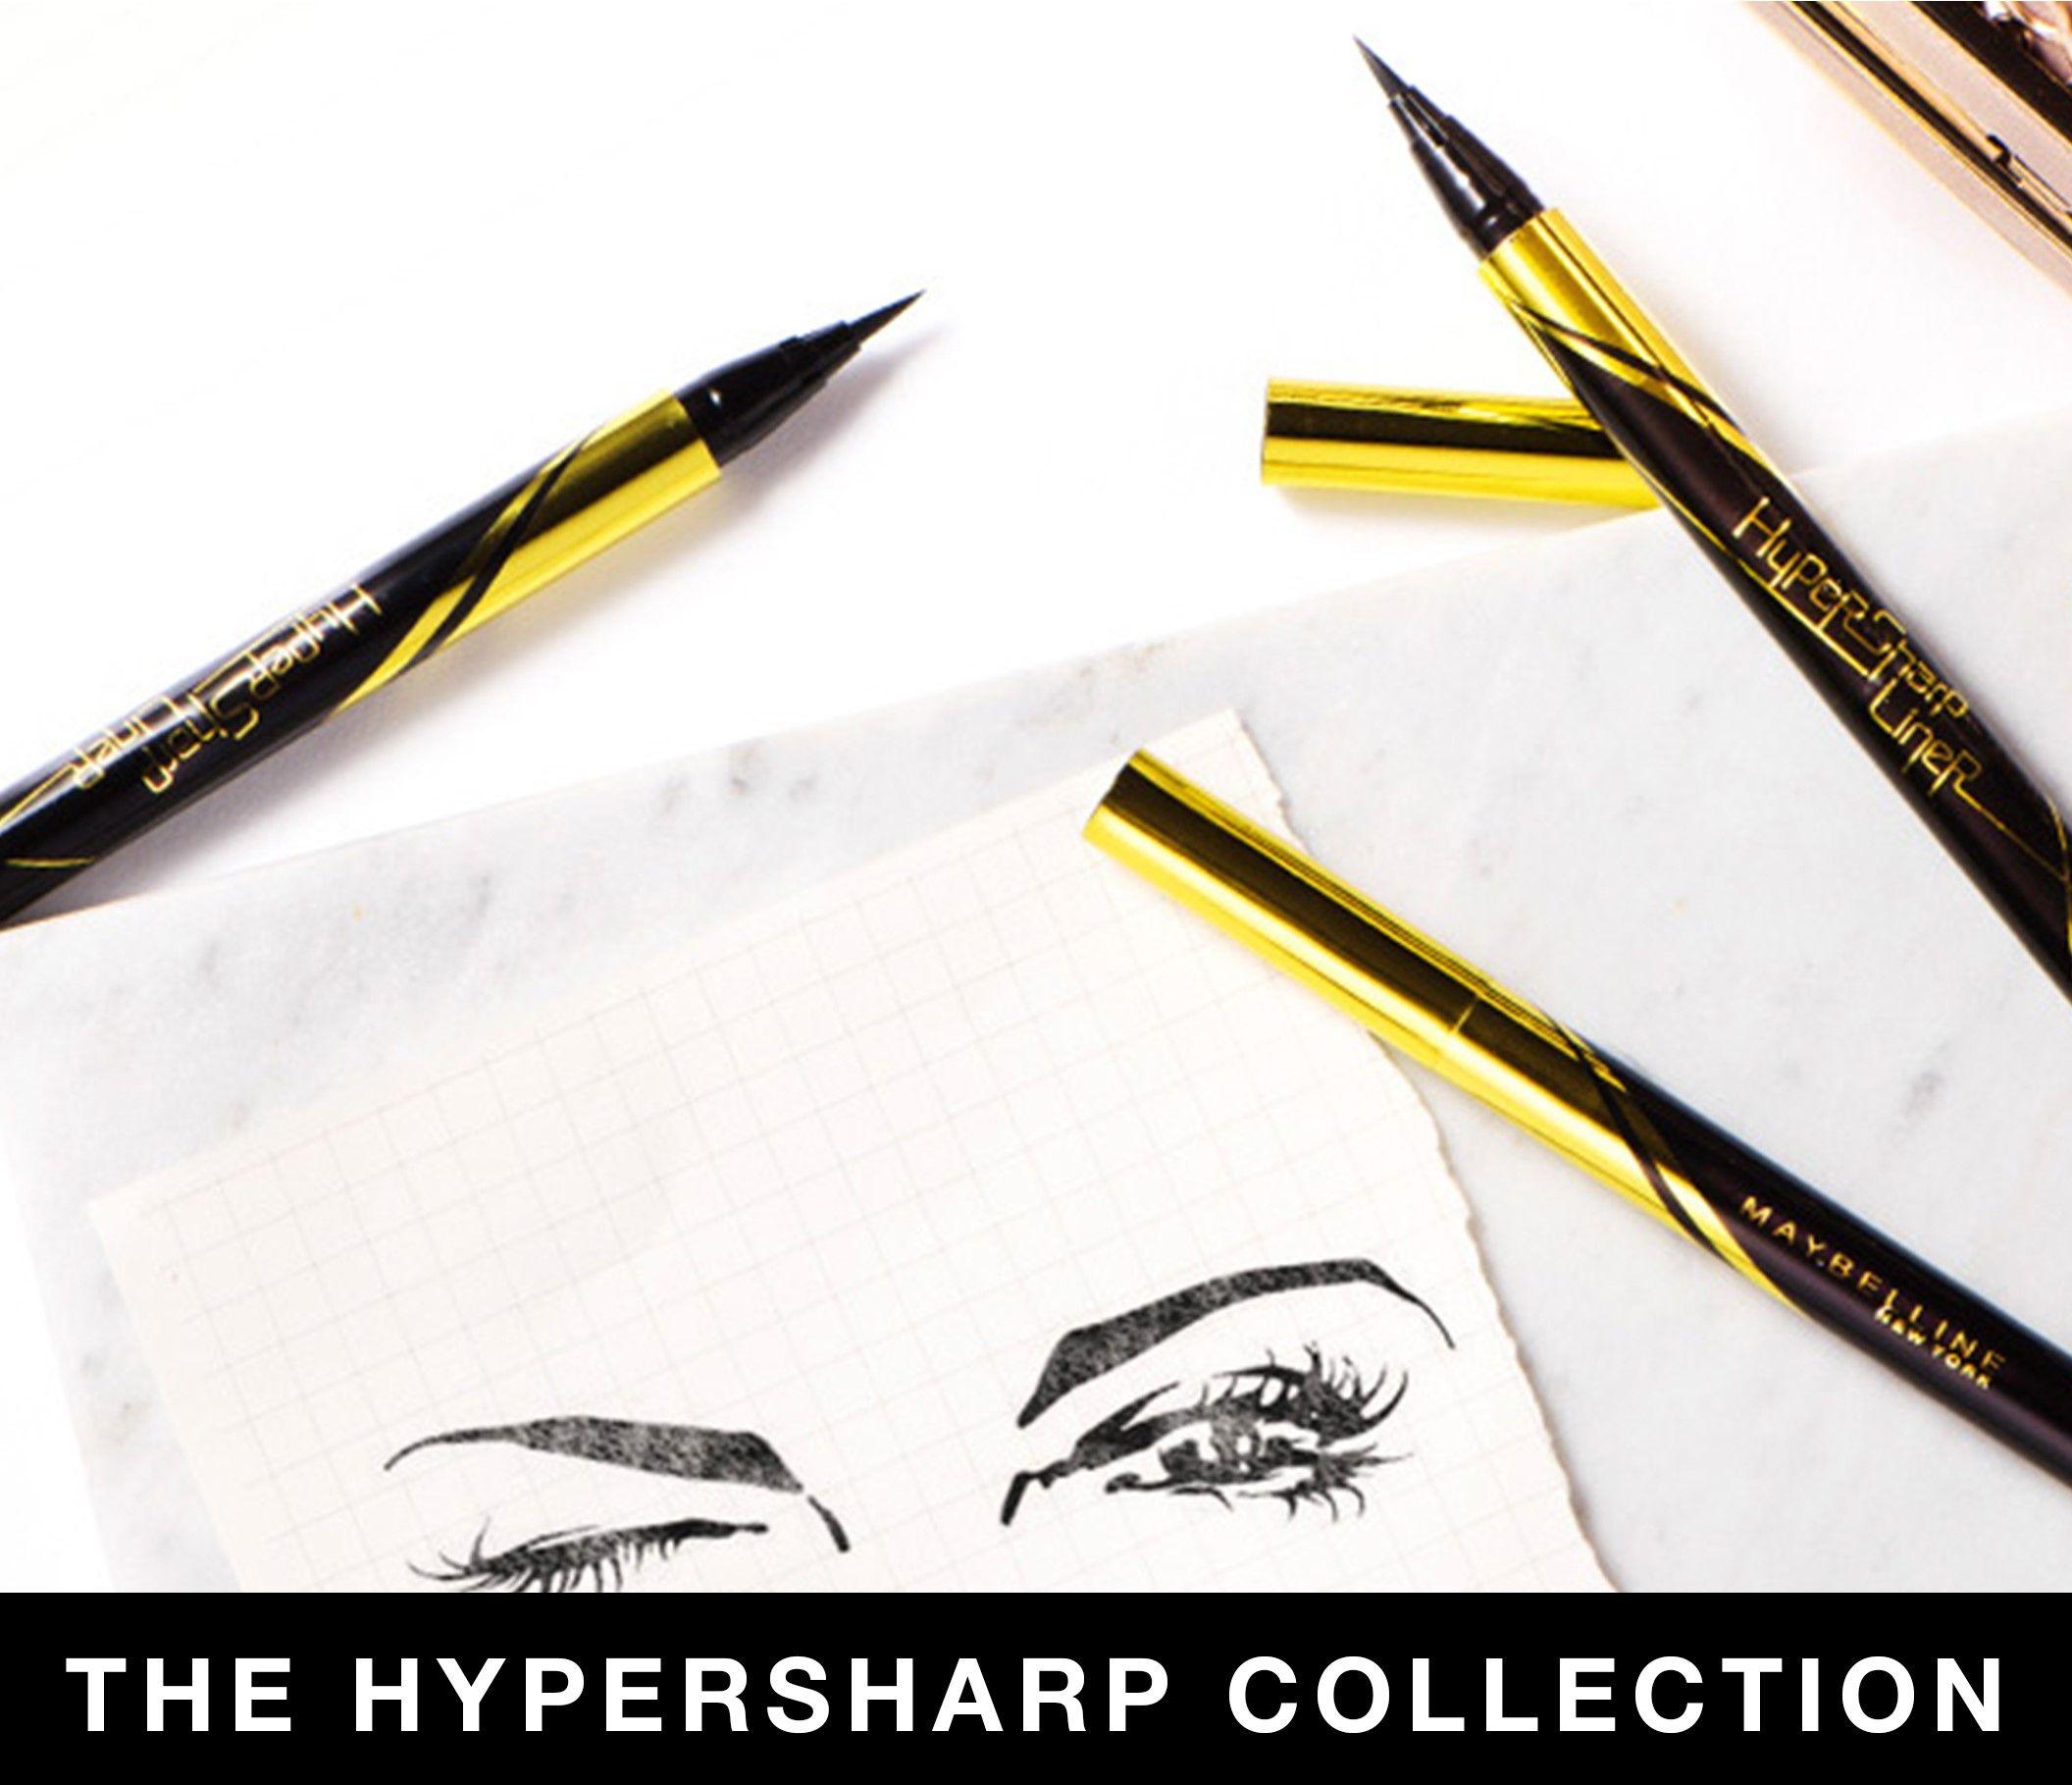 Koleksi Yuk Eyeliner Spidol Dengan Warna Intens Yang Awet Di 2020 Eyeliner Make Up Mata Maybelline